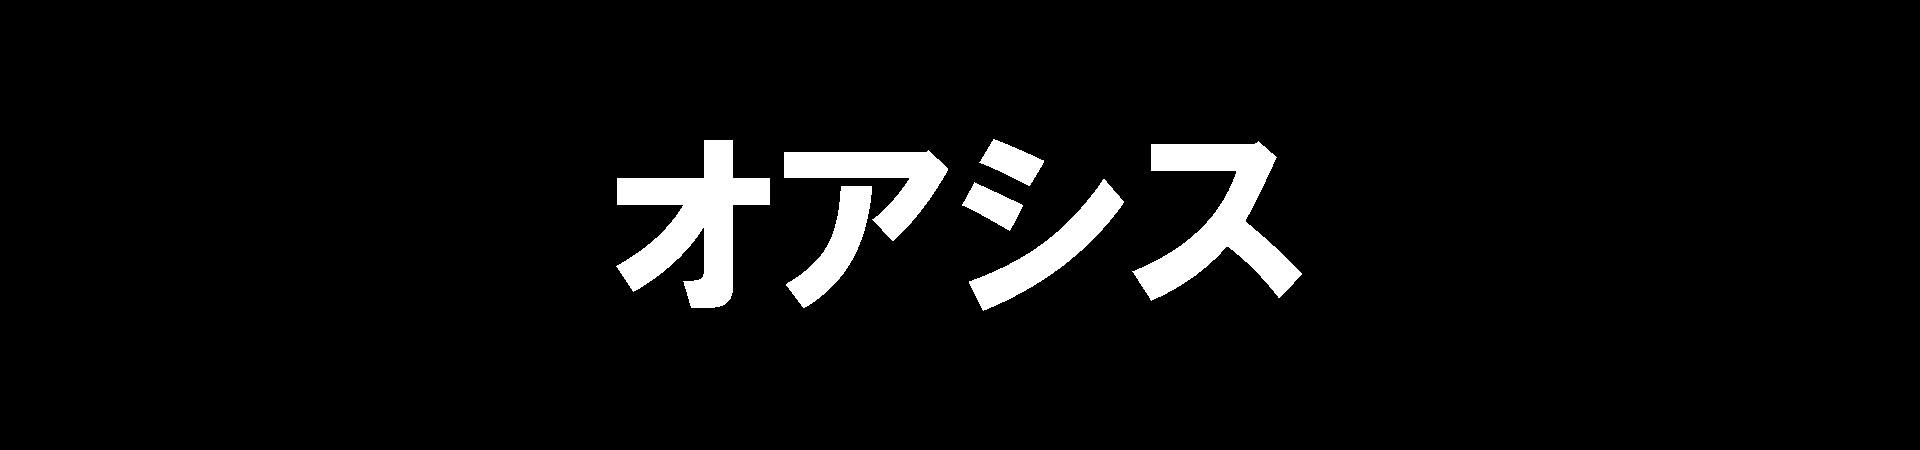 オアシス【宇都宮】